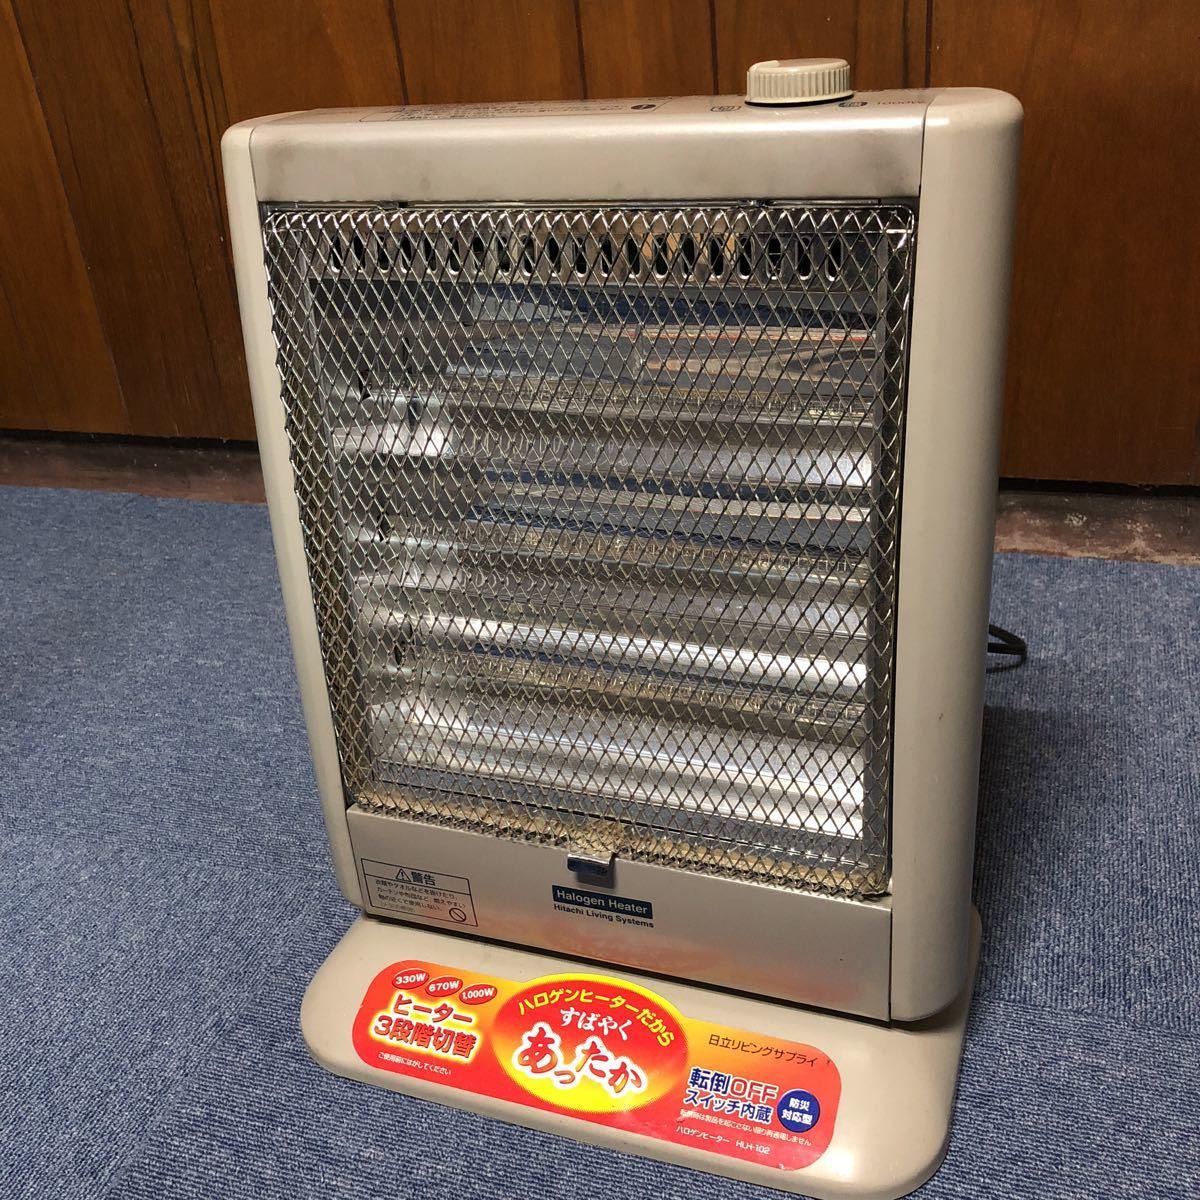 日立リビングサプライ ハロゲンヒーター 2010年式 HLH-102 3段階調節 暖房器具 動作品_画像2